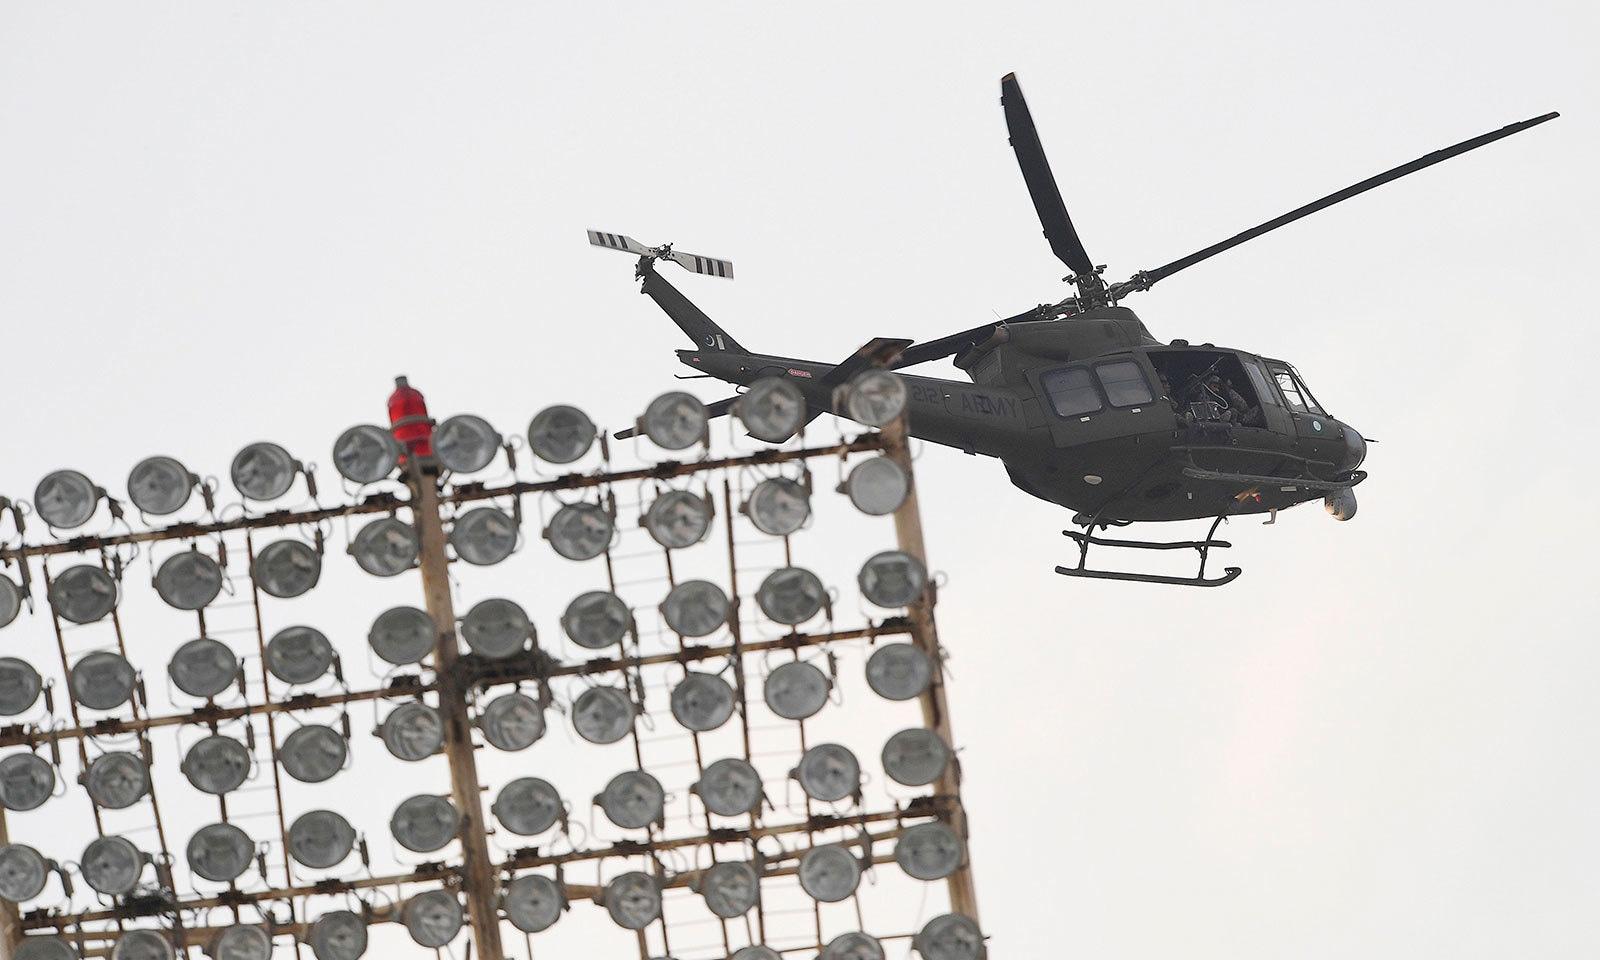 کراچی میں میچ کے دوران ہیلی کاپٹر کے ذریعے سیکیورٹی کی نگرانی کی گئی—فوٹو:اے ایف پی